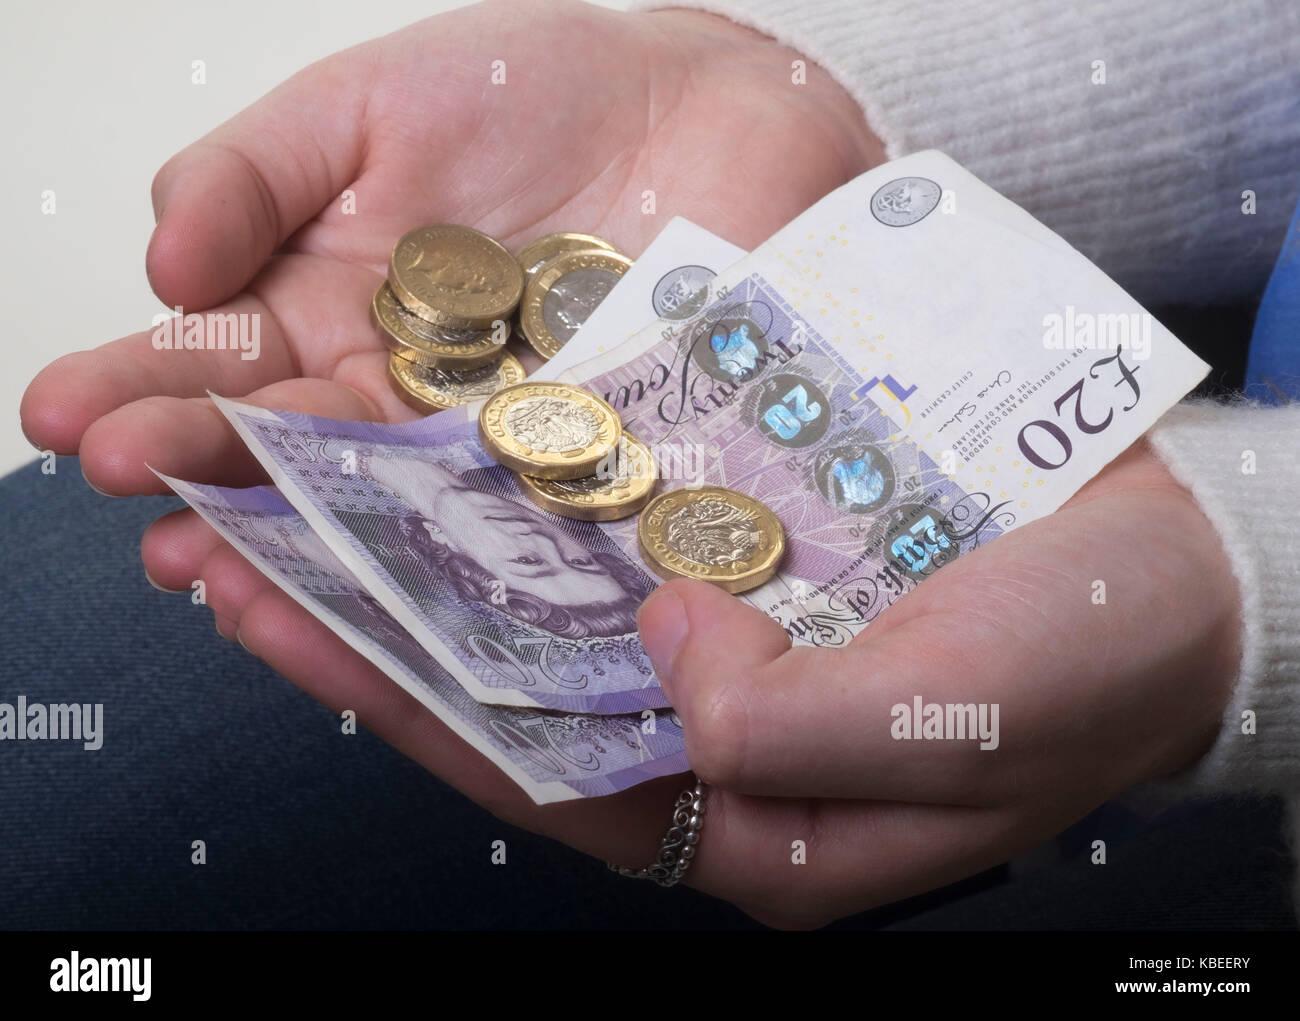 Money worries Stock Photo